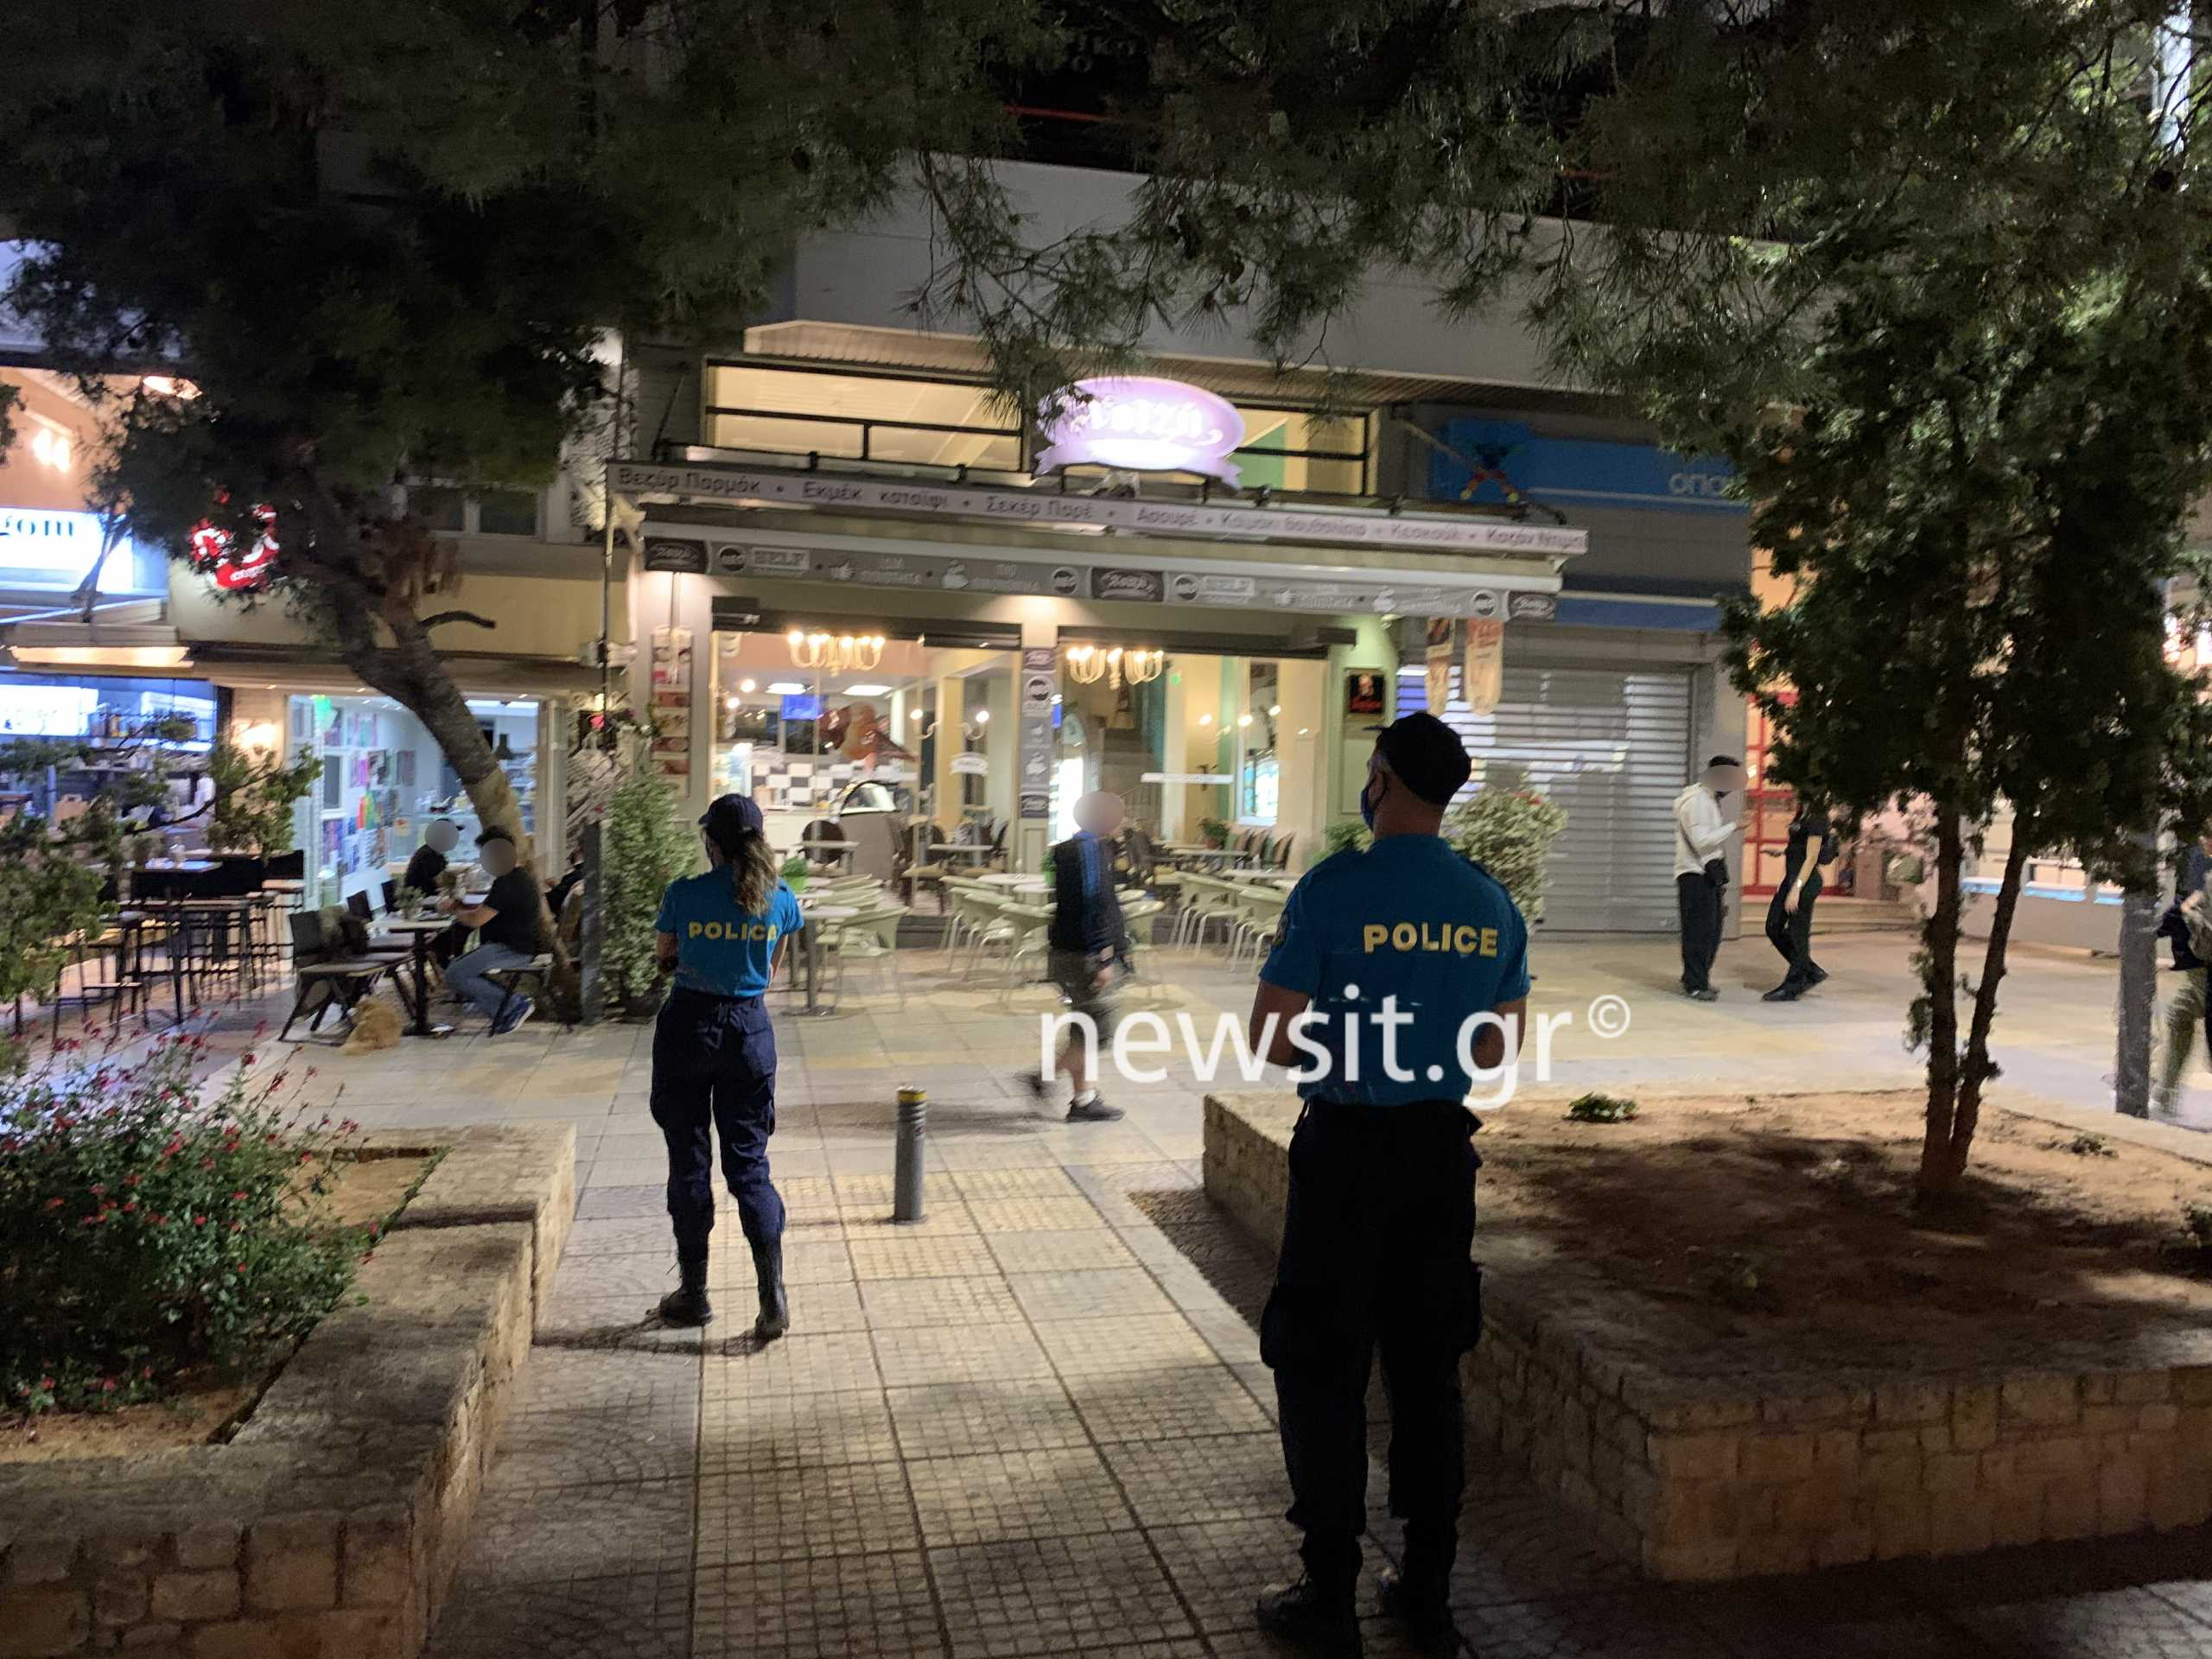 Κλούβα και αστυνομικοί στην πλατεία της Νέας Σμύρνης για να εμποδίσουν τα κορονοπάρτι (pics)